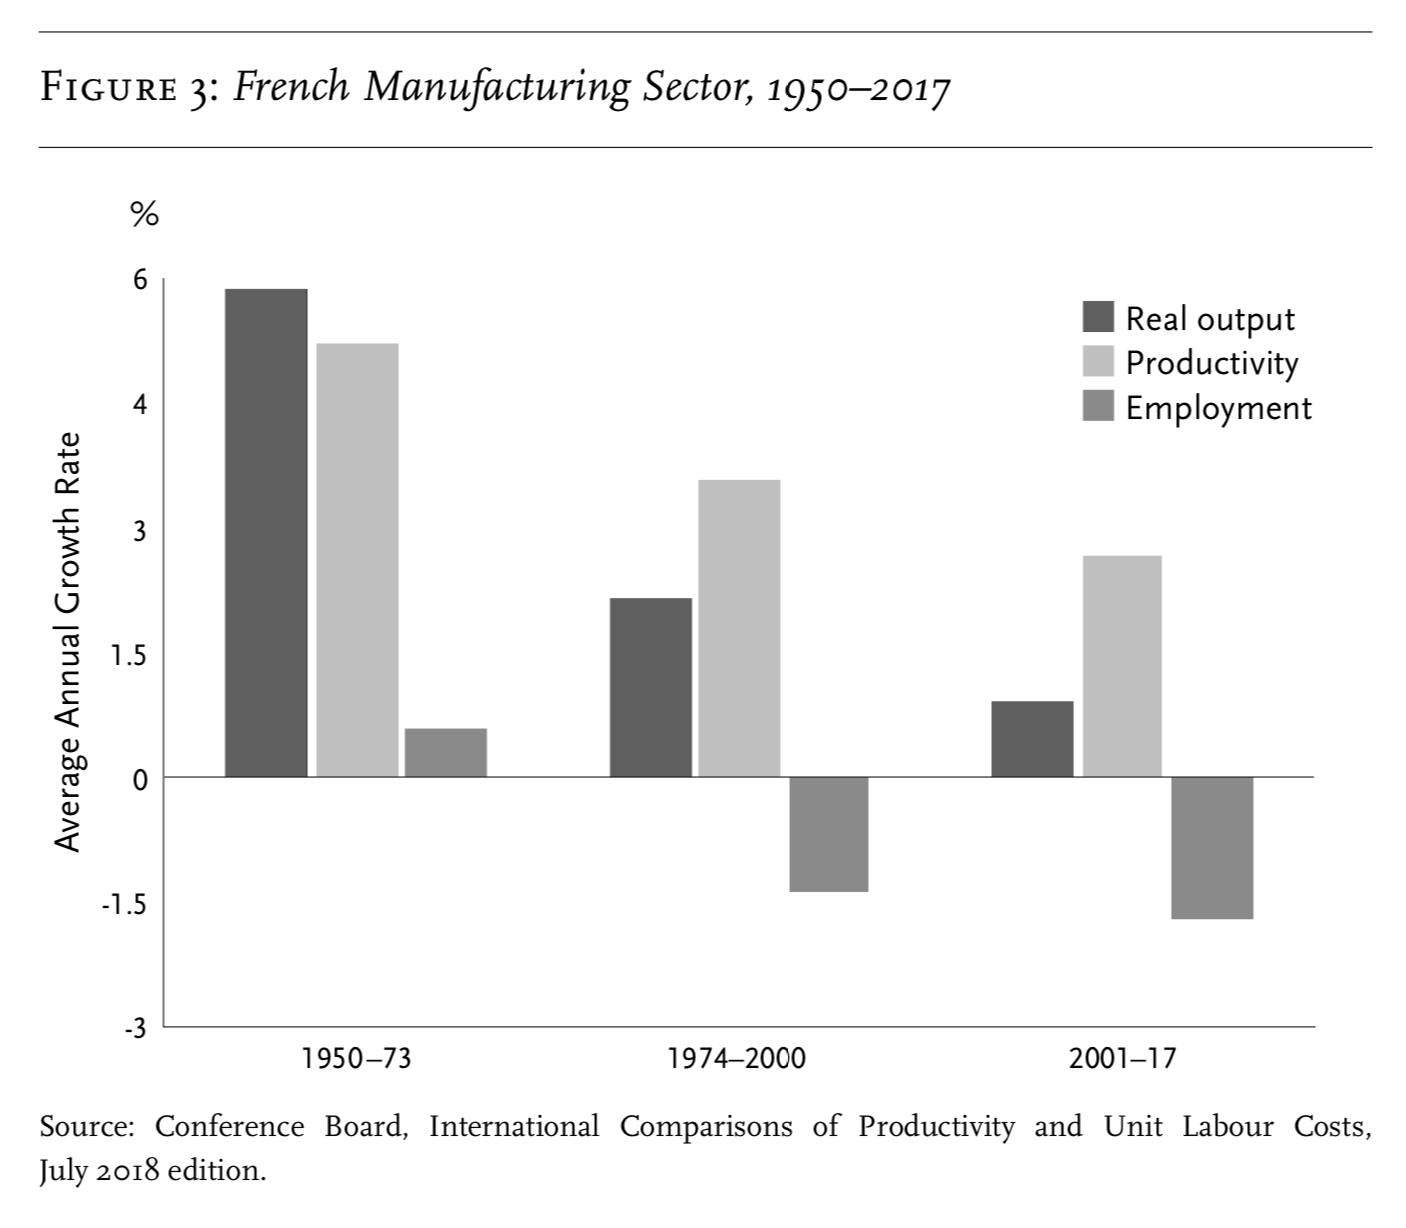 Промышленность Франции, среднегодовые темпы роста: реальный выпуск, производительность труда, занятость